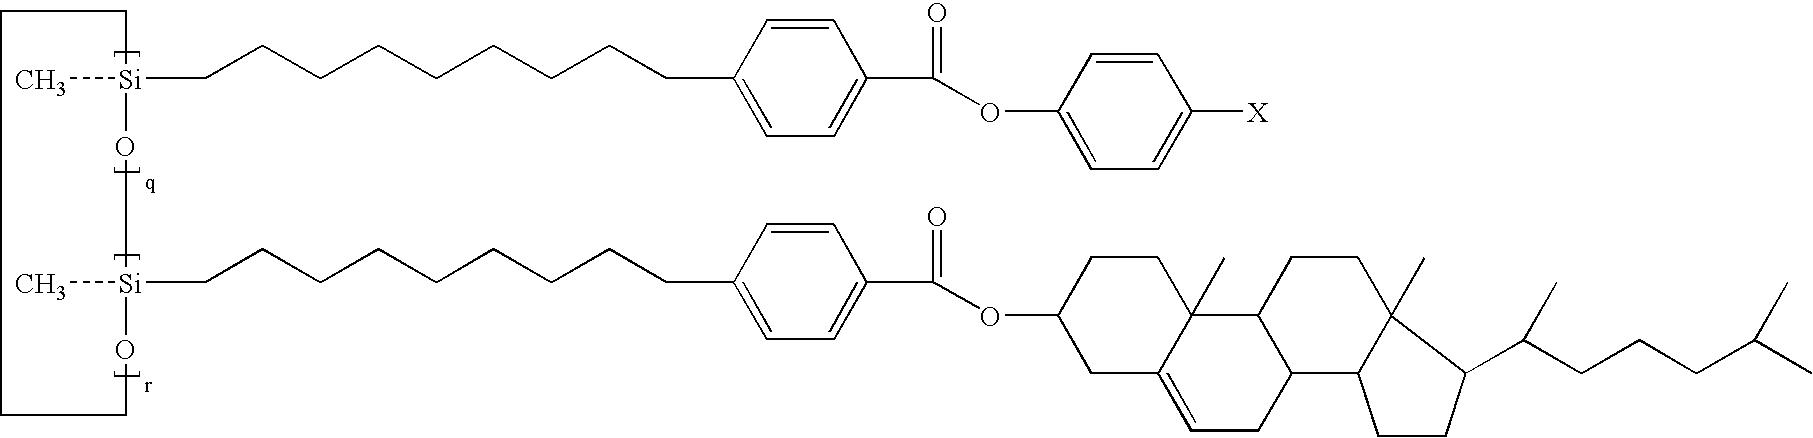 Figure US07253871-20070807-C00001